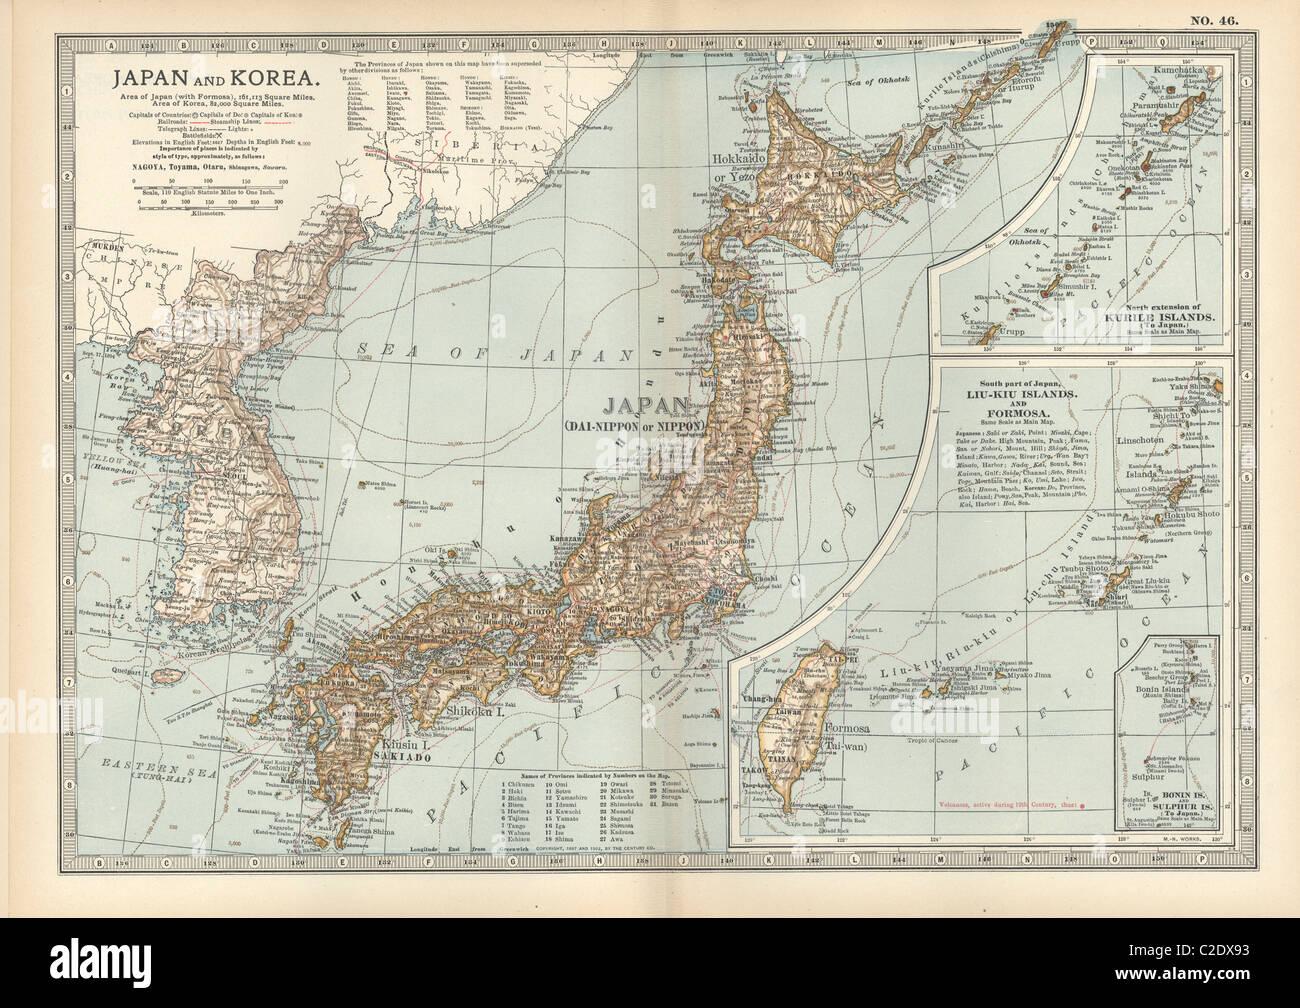 Korea japan map stock photos korea japan map stock images alamy map of japan and korea stock image gumiabroncs Image collections